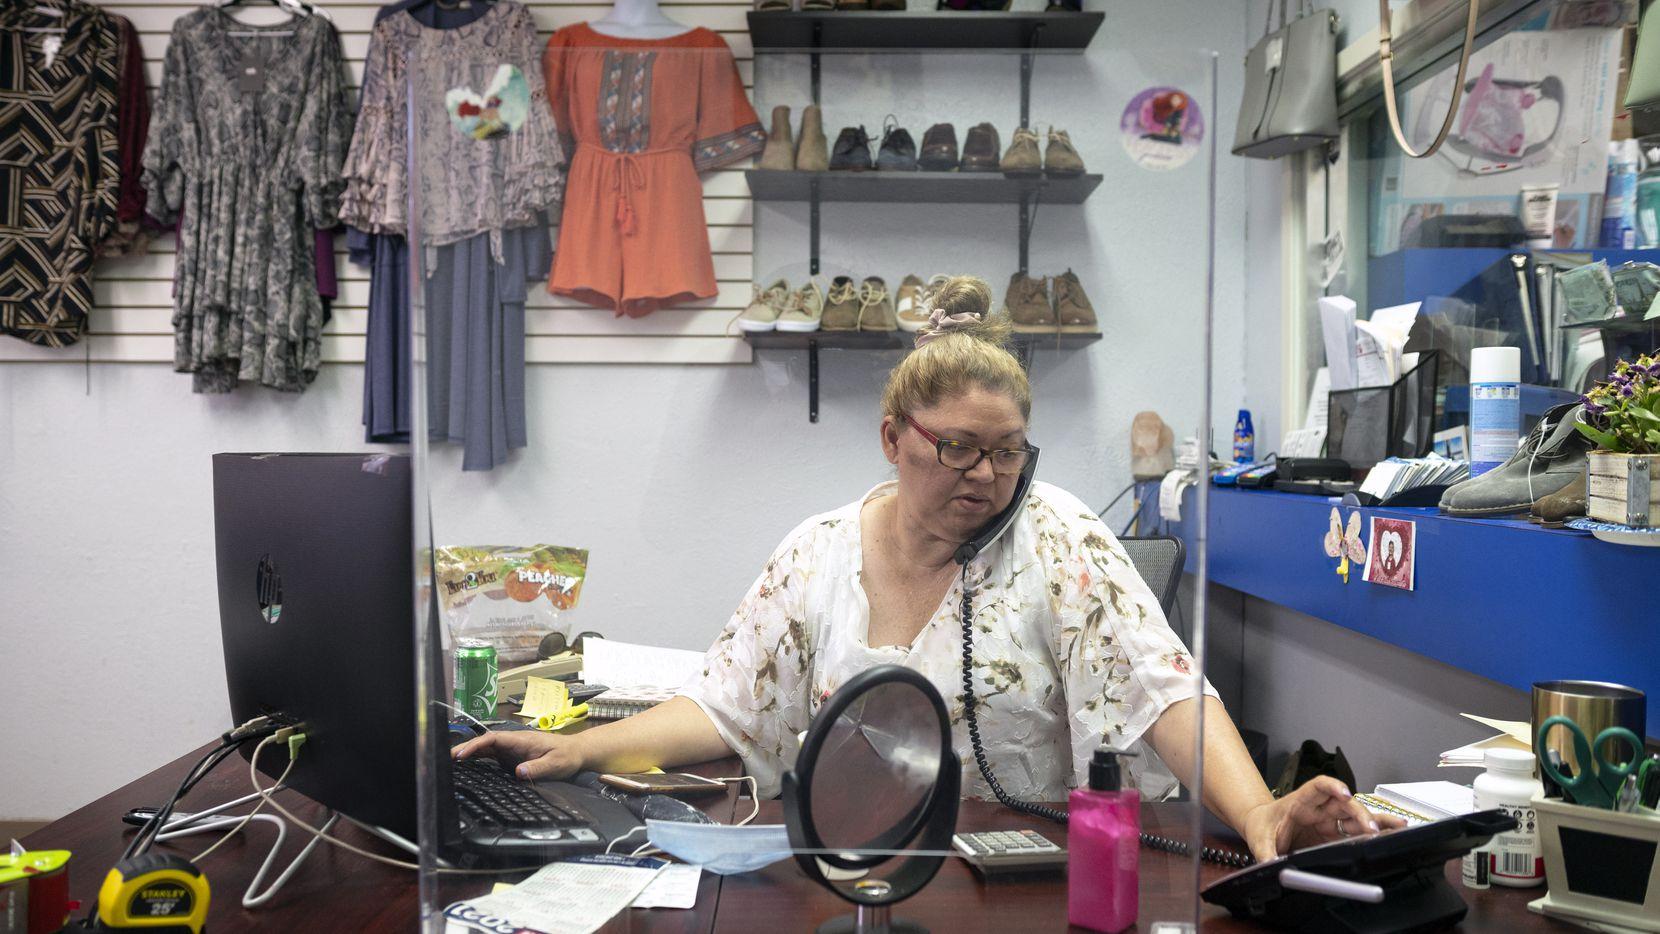 Mayra García de Hispano Services and Travel y MEC Fashion habla con un cliente el 16 de junio de 2021. La Cámara de Comercio Hispana de Grand Prairie busca apoyar a pequeños y medianos negocios, tanto hispanos como no hispanos, con servicios de capacitación y guía profesional.